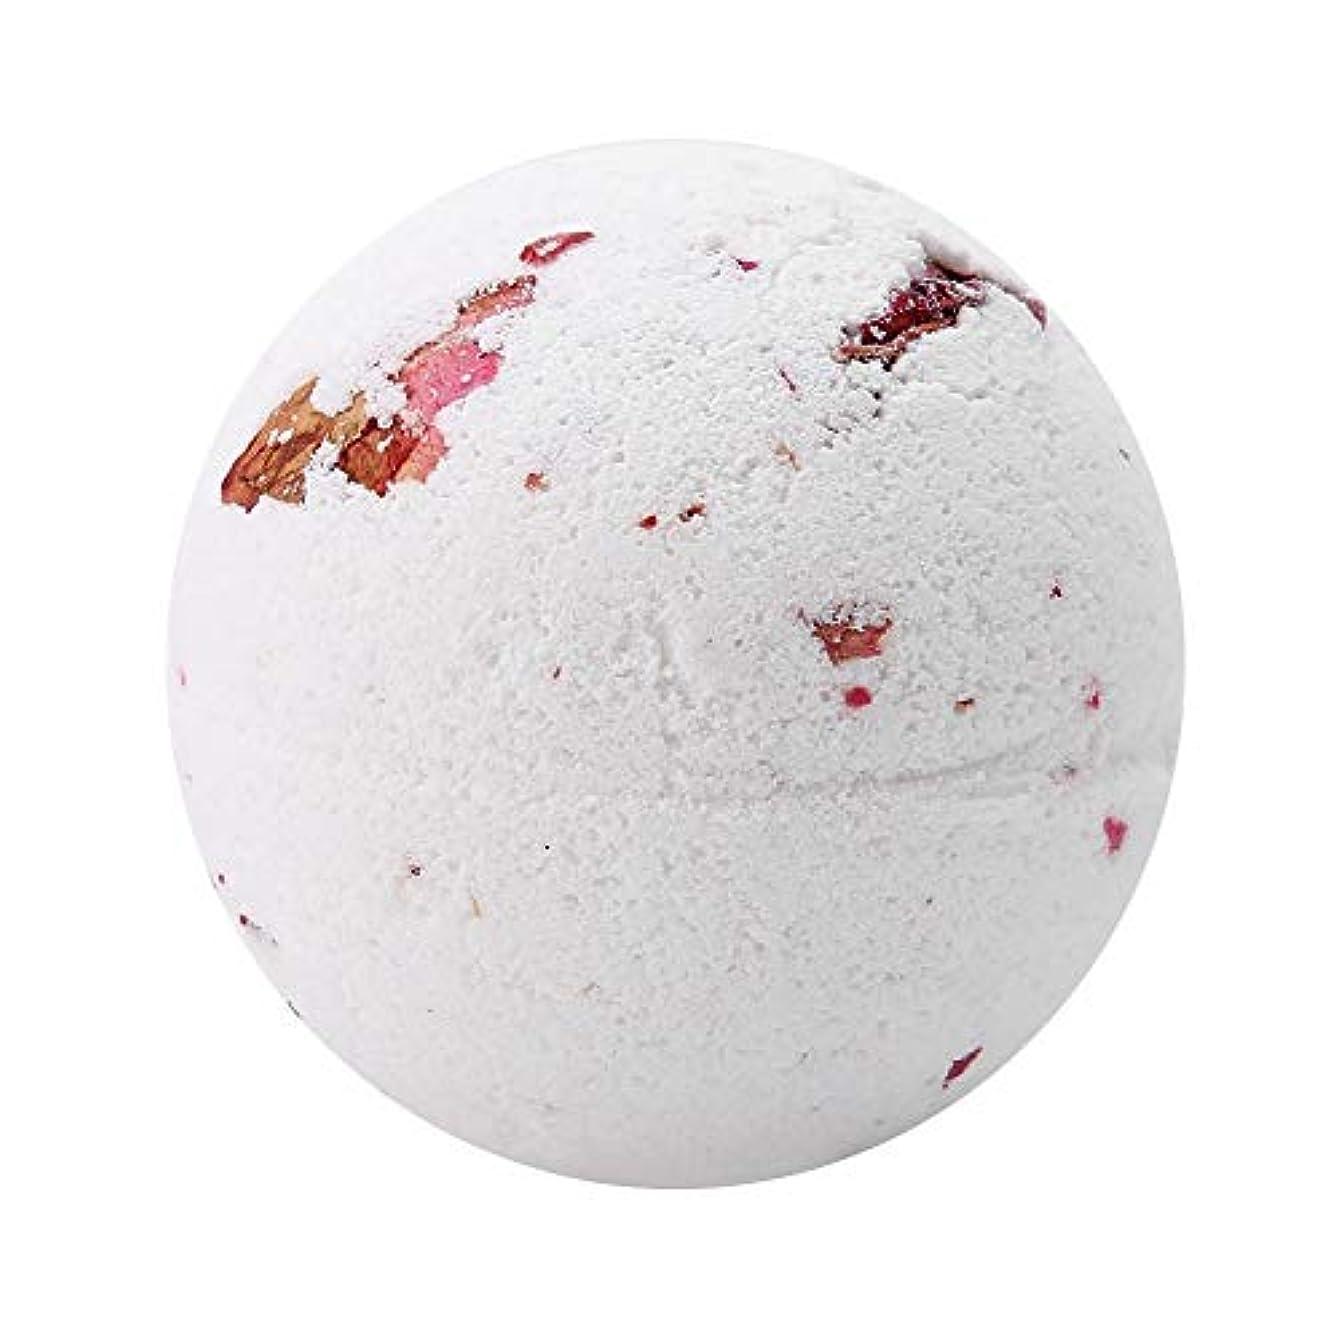 シエスタ会社誠実さ入浴剤 100%天然エッセンシャルオイル&ドライフラワー、アロマテラピーリラクゼーション乾燥肌、キューティクルの柔らかさ 泡風呂 ガールフレンドのアイデアギフト 女性 母親(Milk Rose)